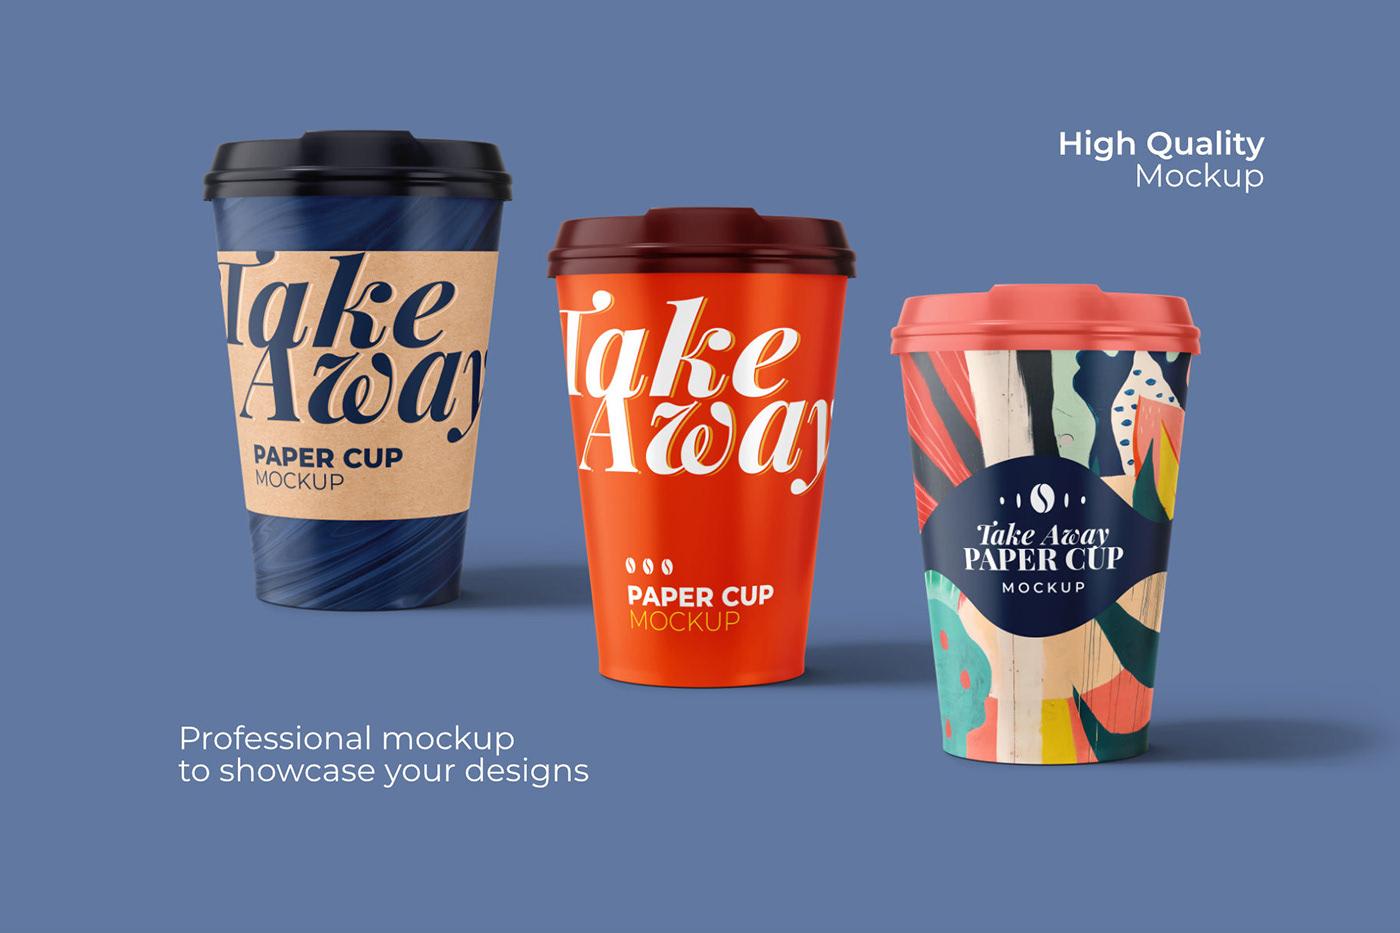 15款一次性外卖咖啡纸杯设计展示贴图样机模板 Take Away Paper Cup Mockup插图5